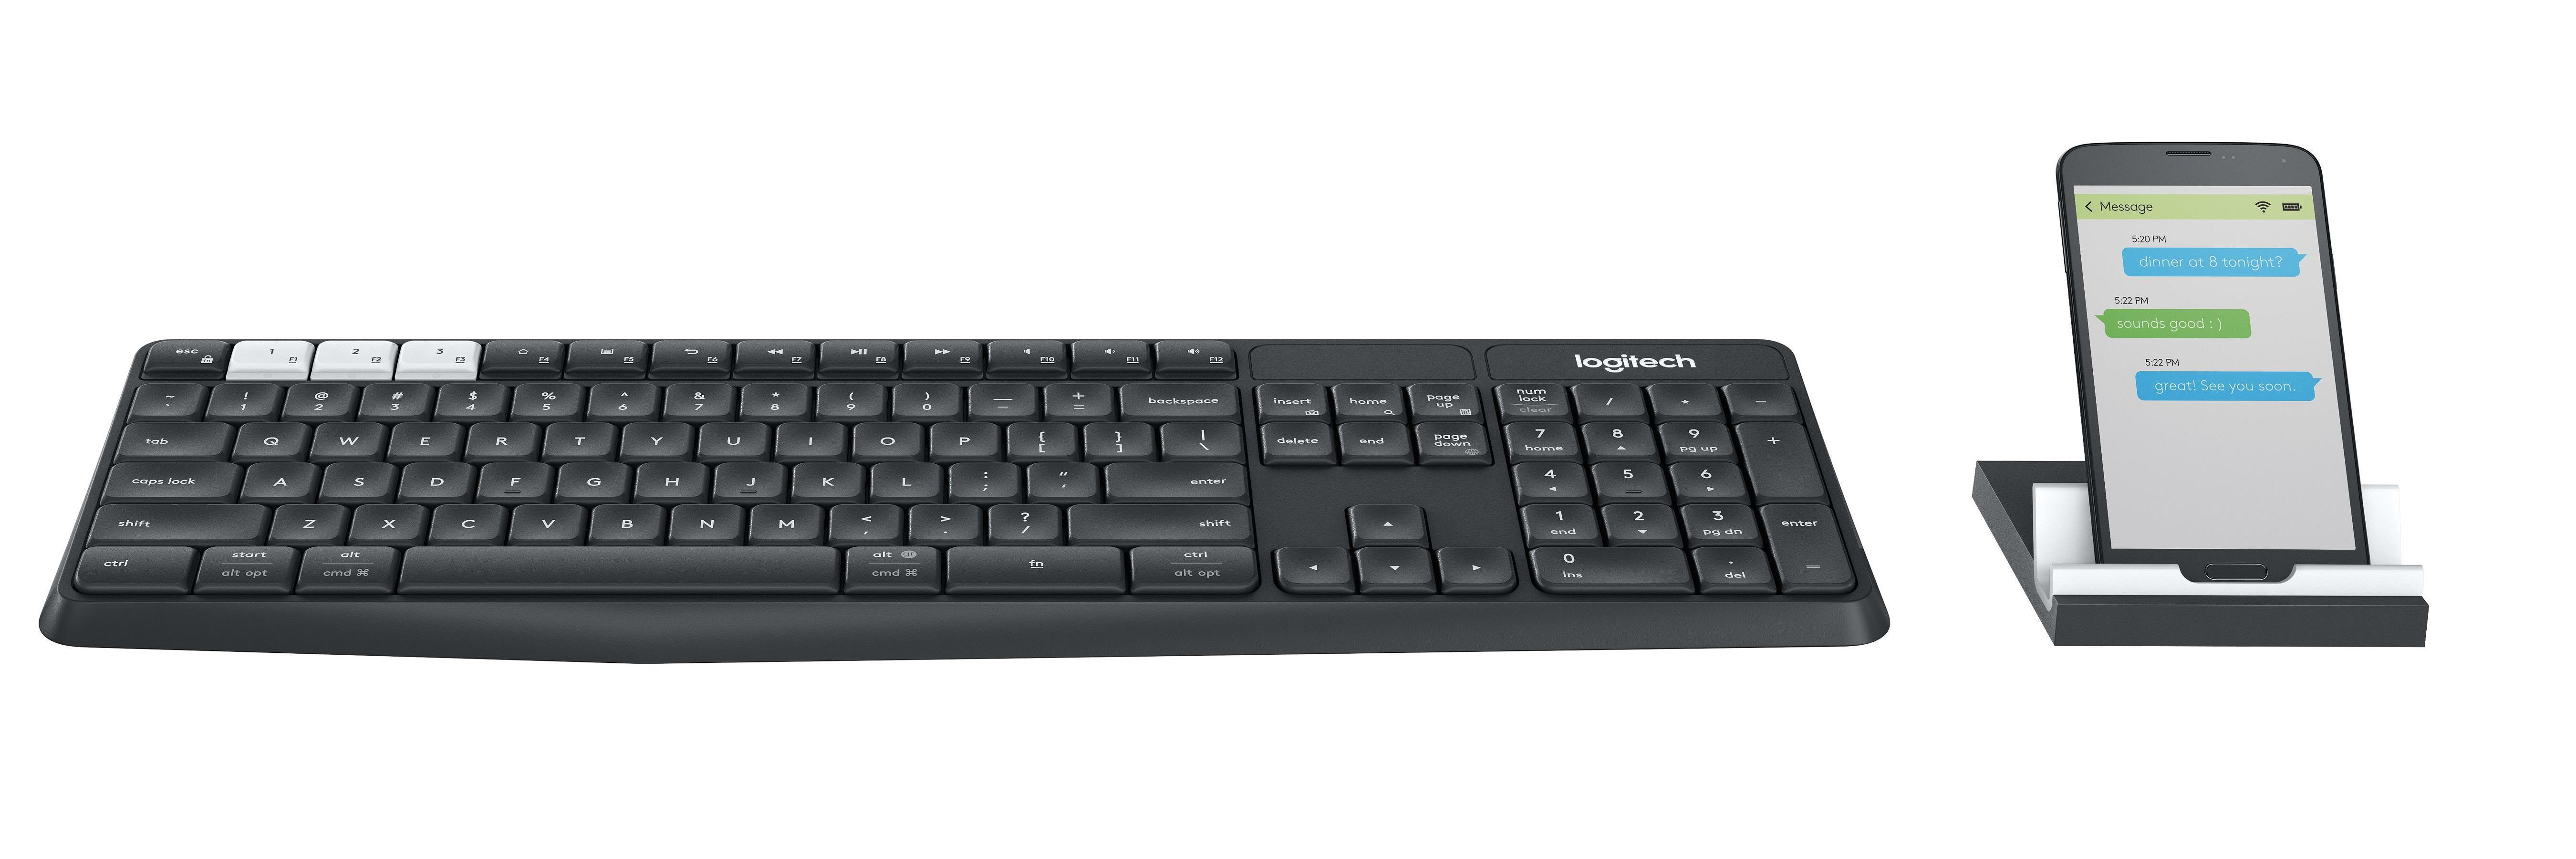 e57396cbd51 Logitech K375s Multi-Device Wireless Keyboard and Stand Combo,